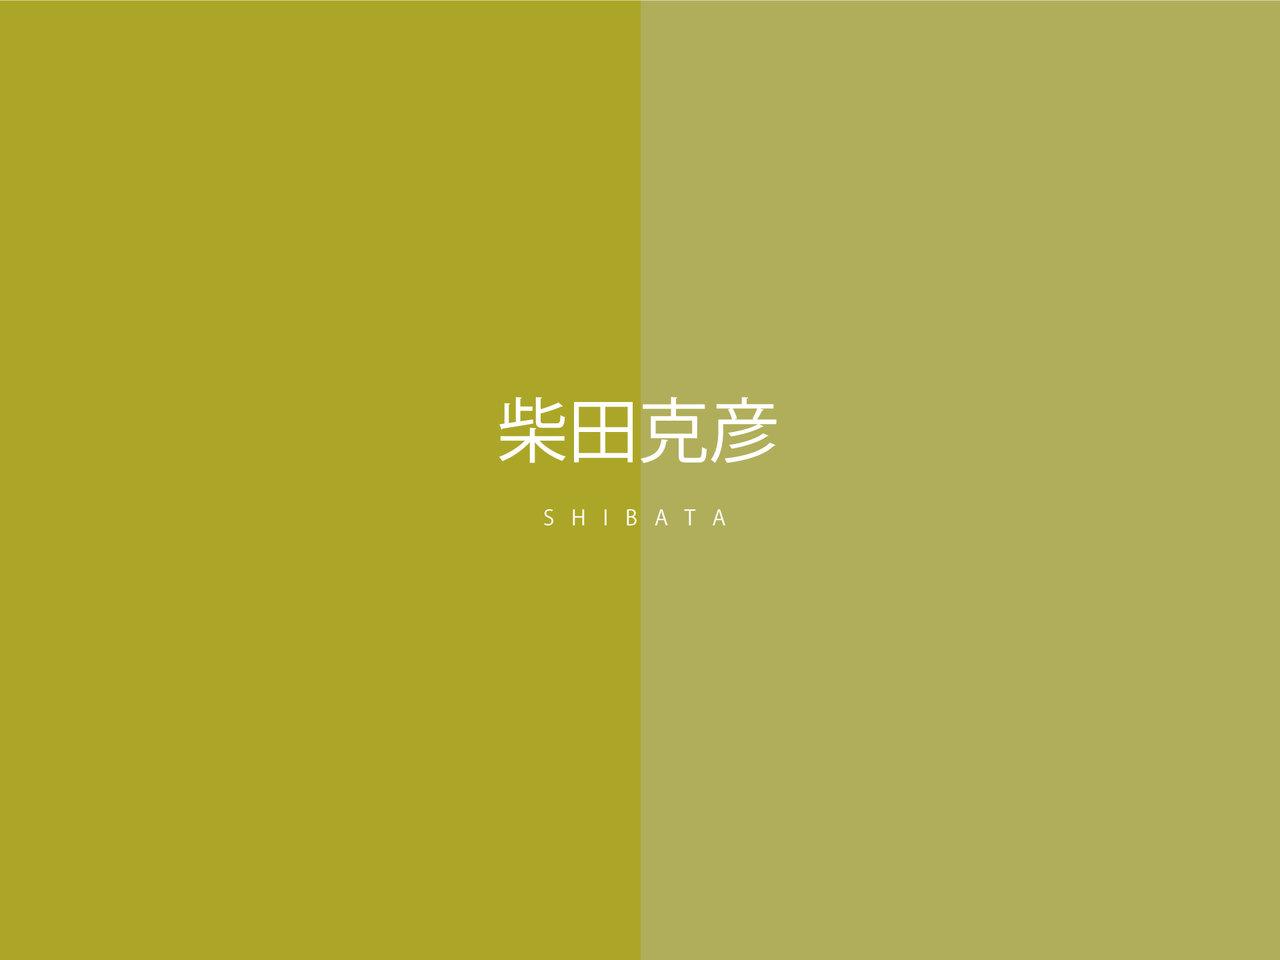 東京佼成ウインドオーケストラ 2019年11月21日 東京芸術劇場